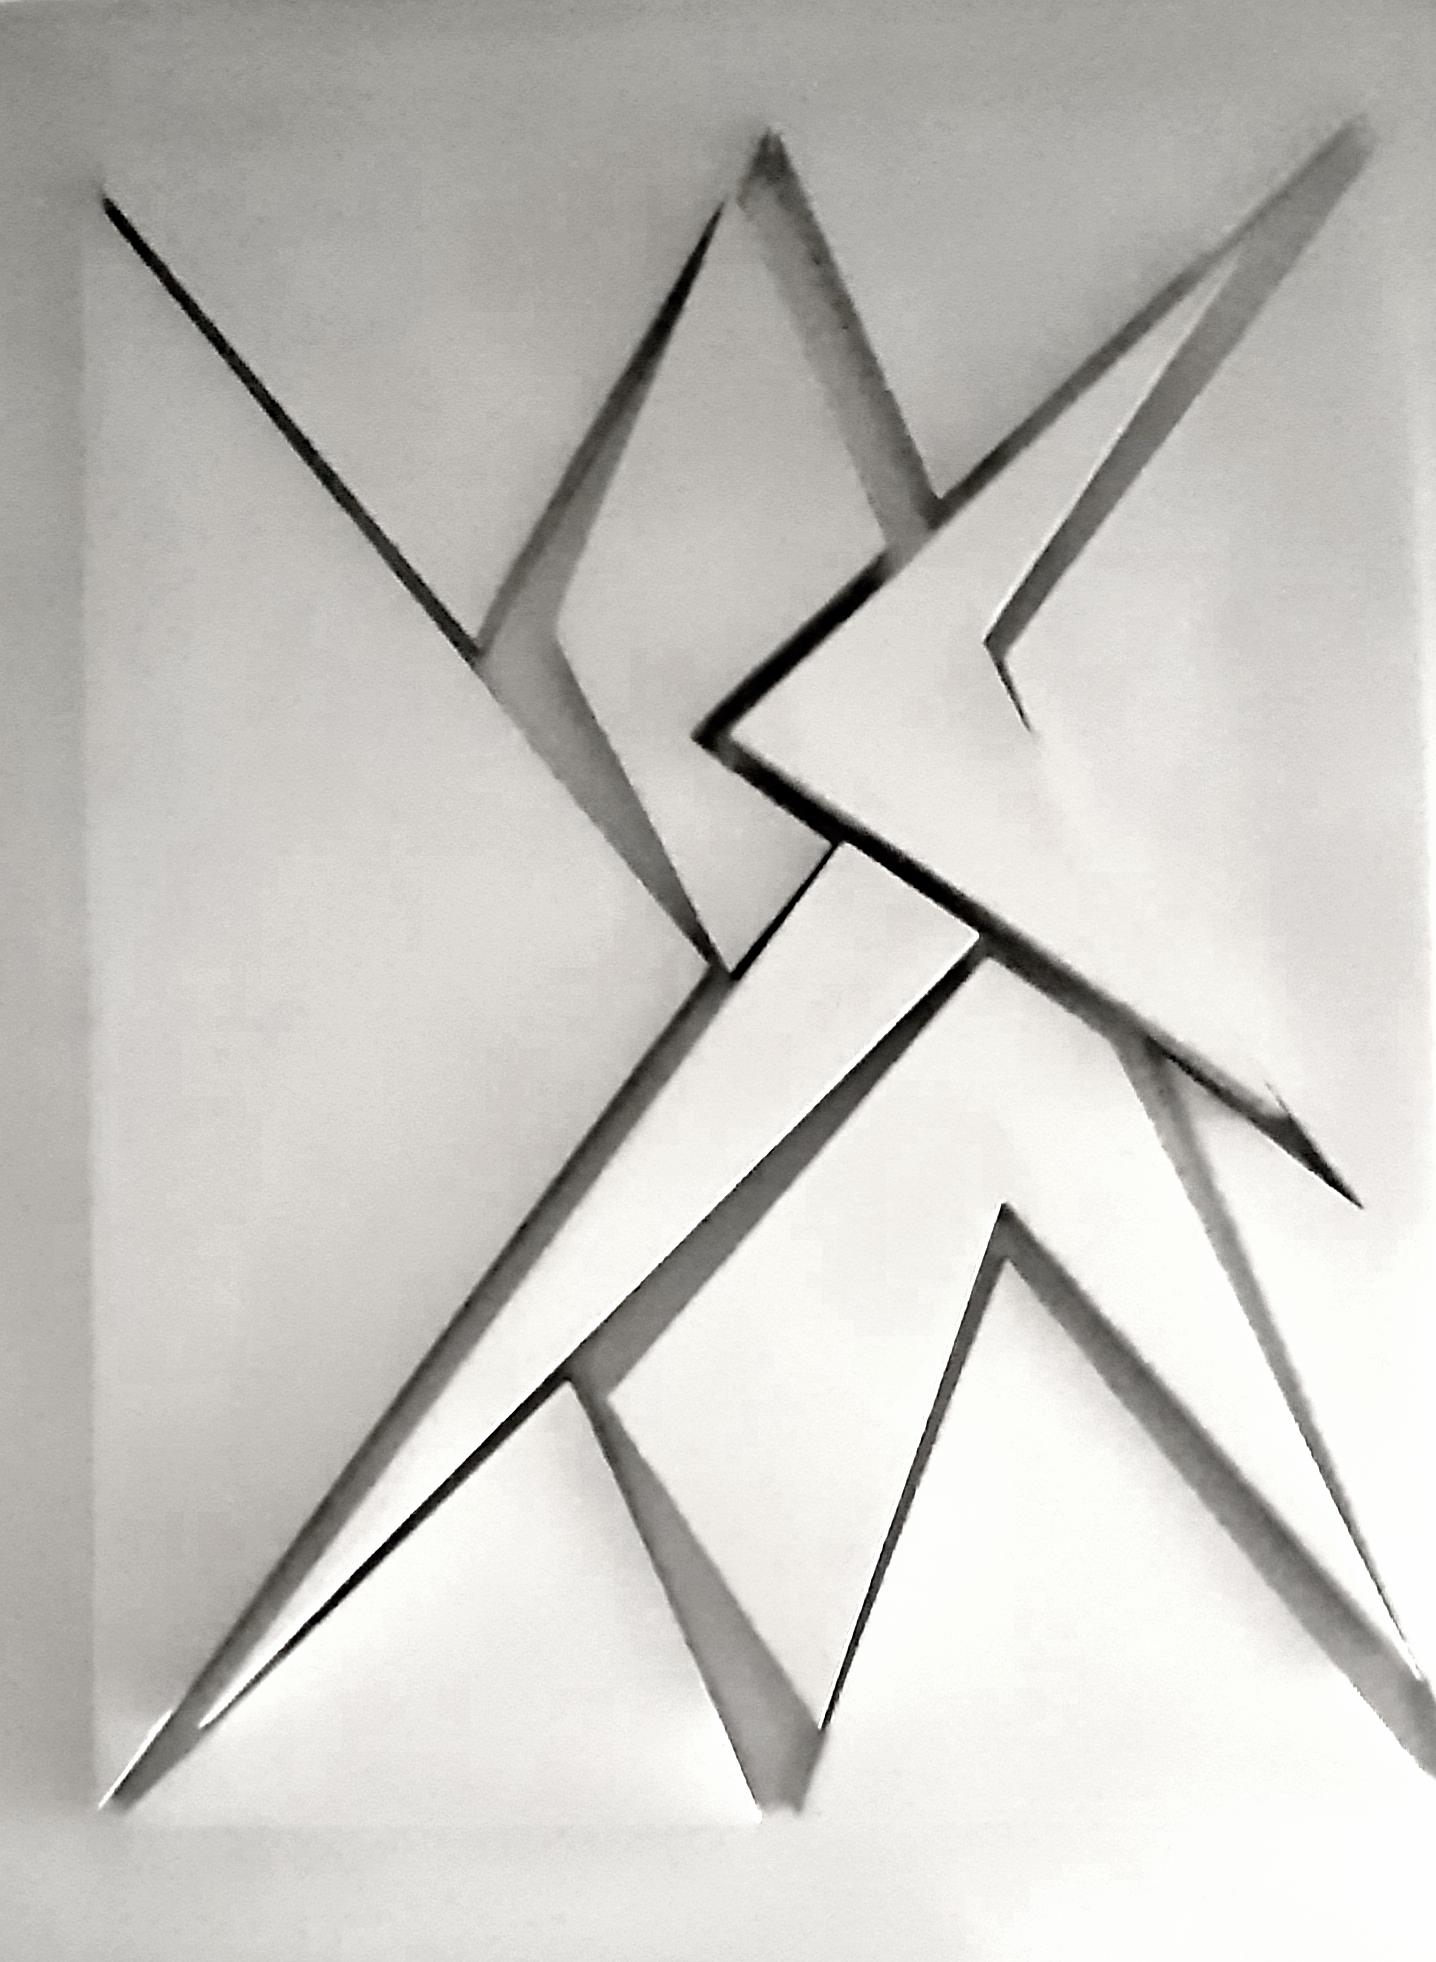 Marie Laure Colasson Pannello bidle 88 1 20 cm 1980